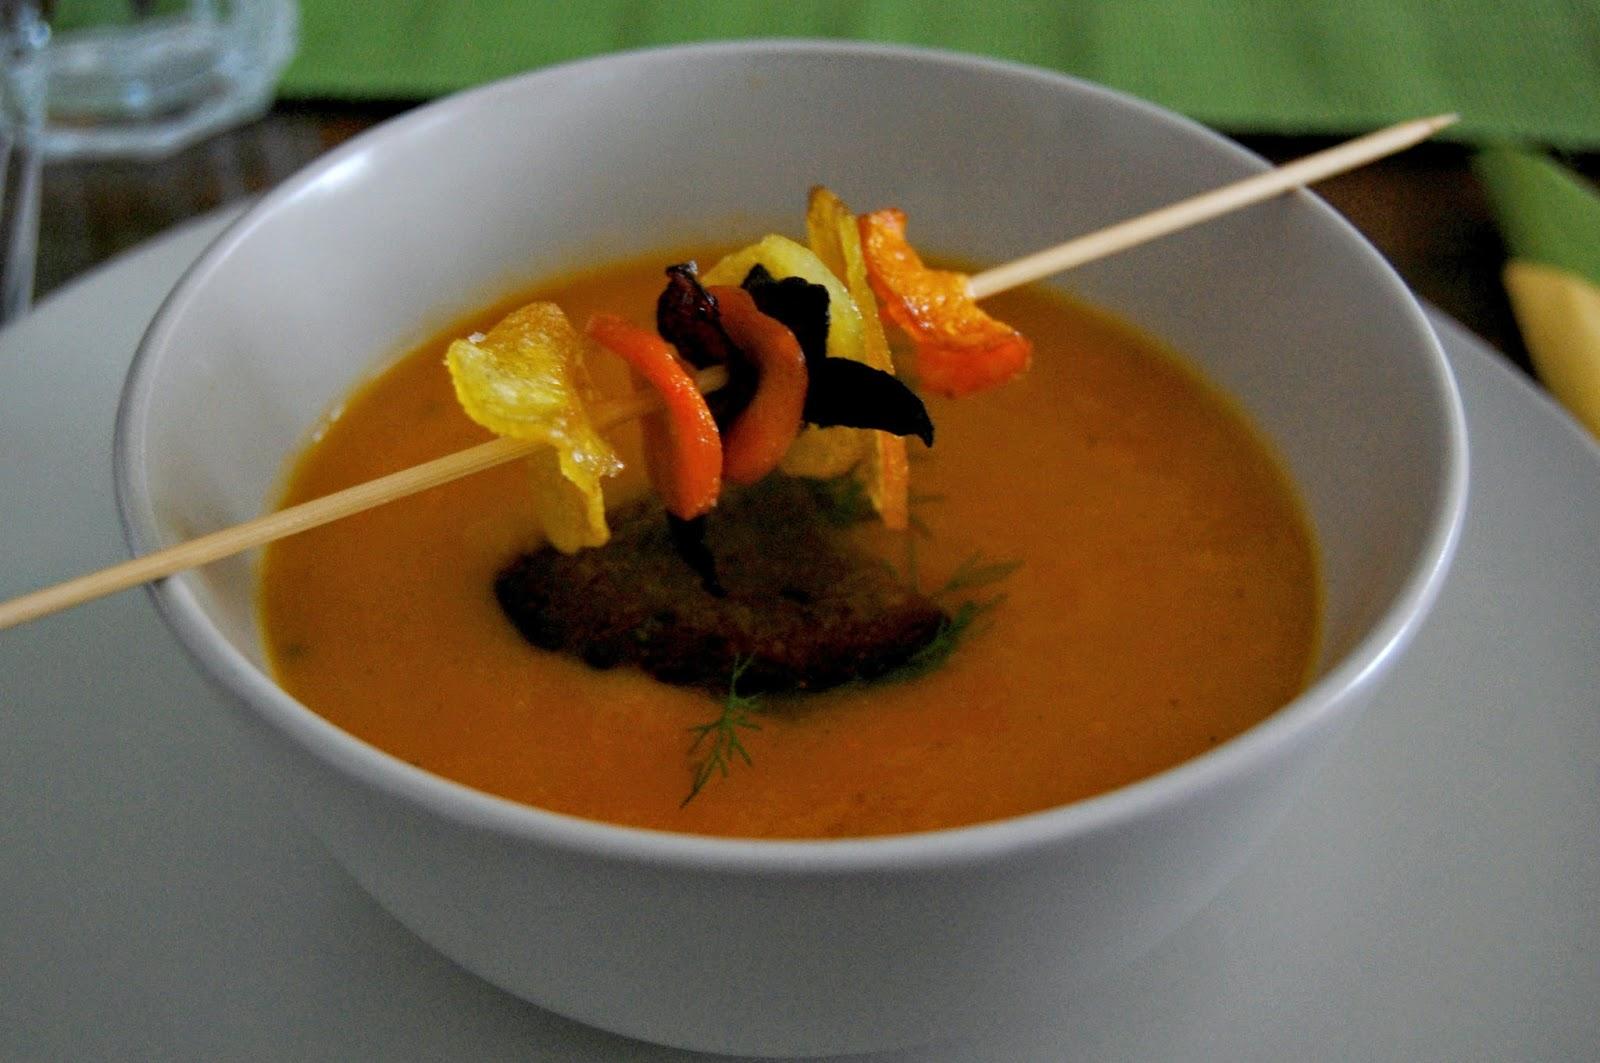 Dinner, vegan, food, foodblogger, eatclean, kipferlundkrapferl, Minestrone, Suppe, Gemüsesuppe, Cremesuppe, Gemüsechips